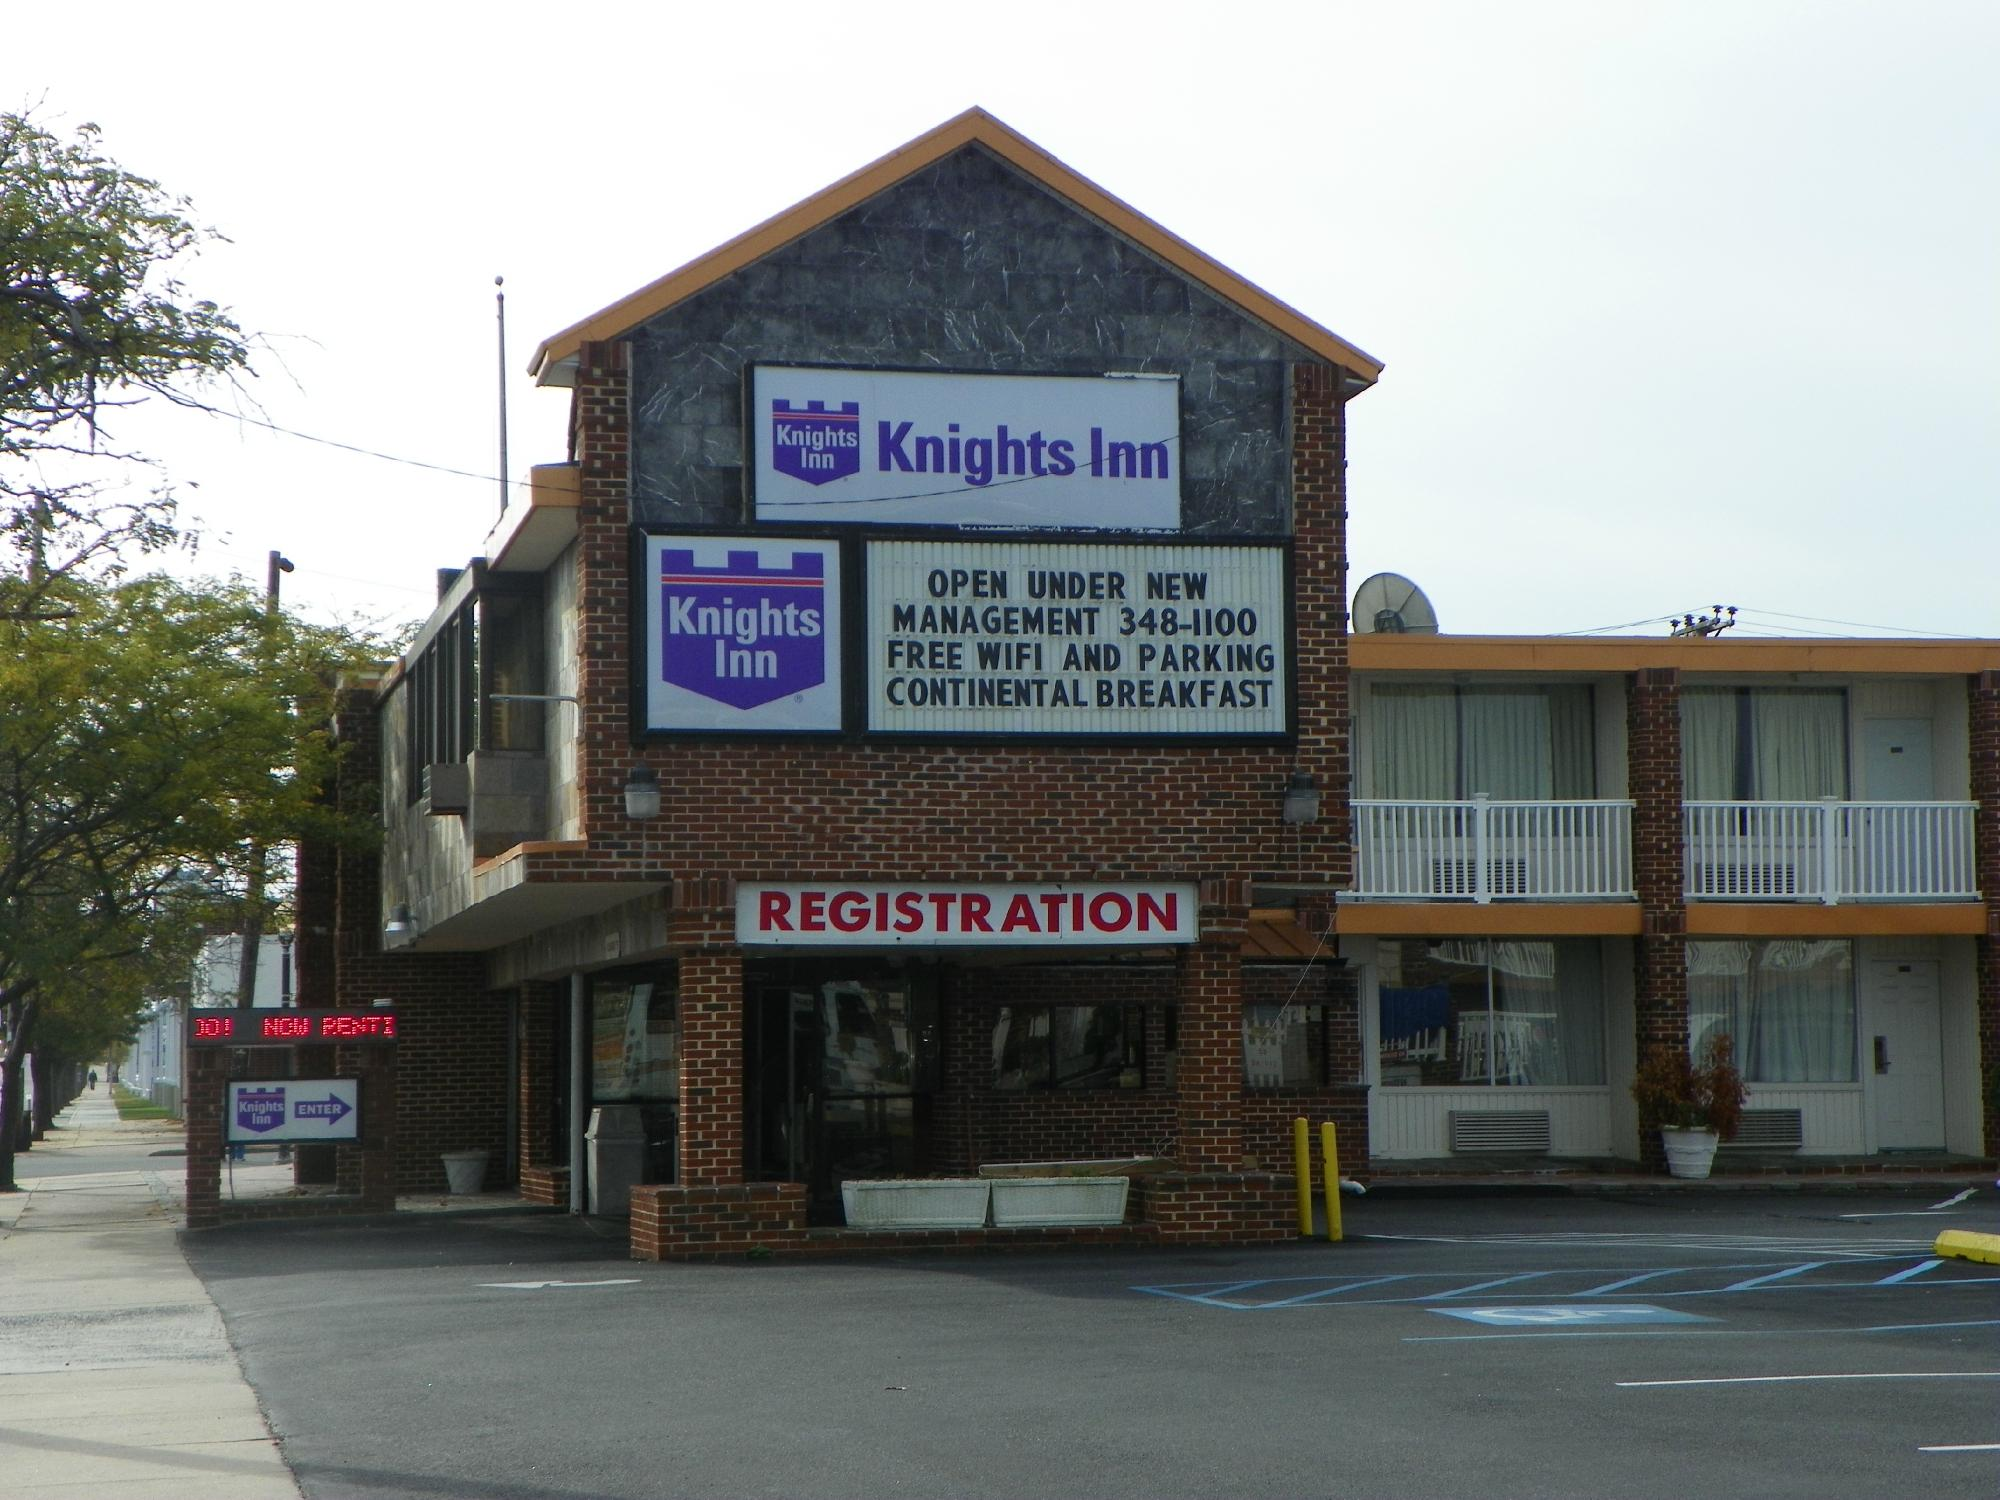 Knights Inn, Atlantic City